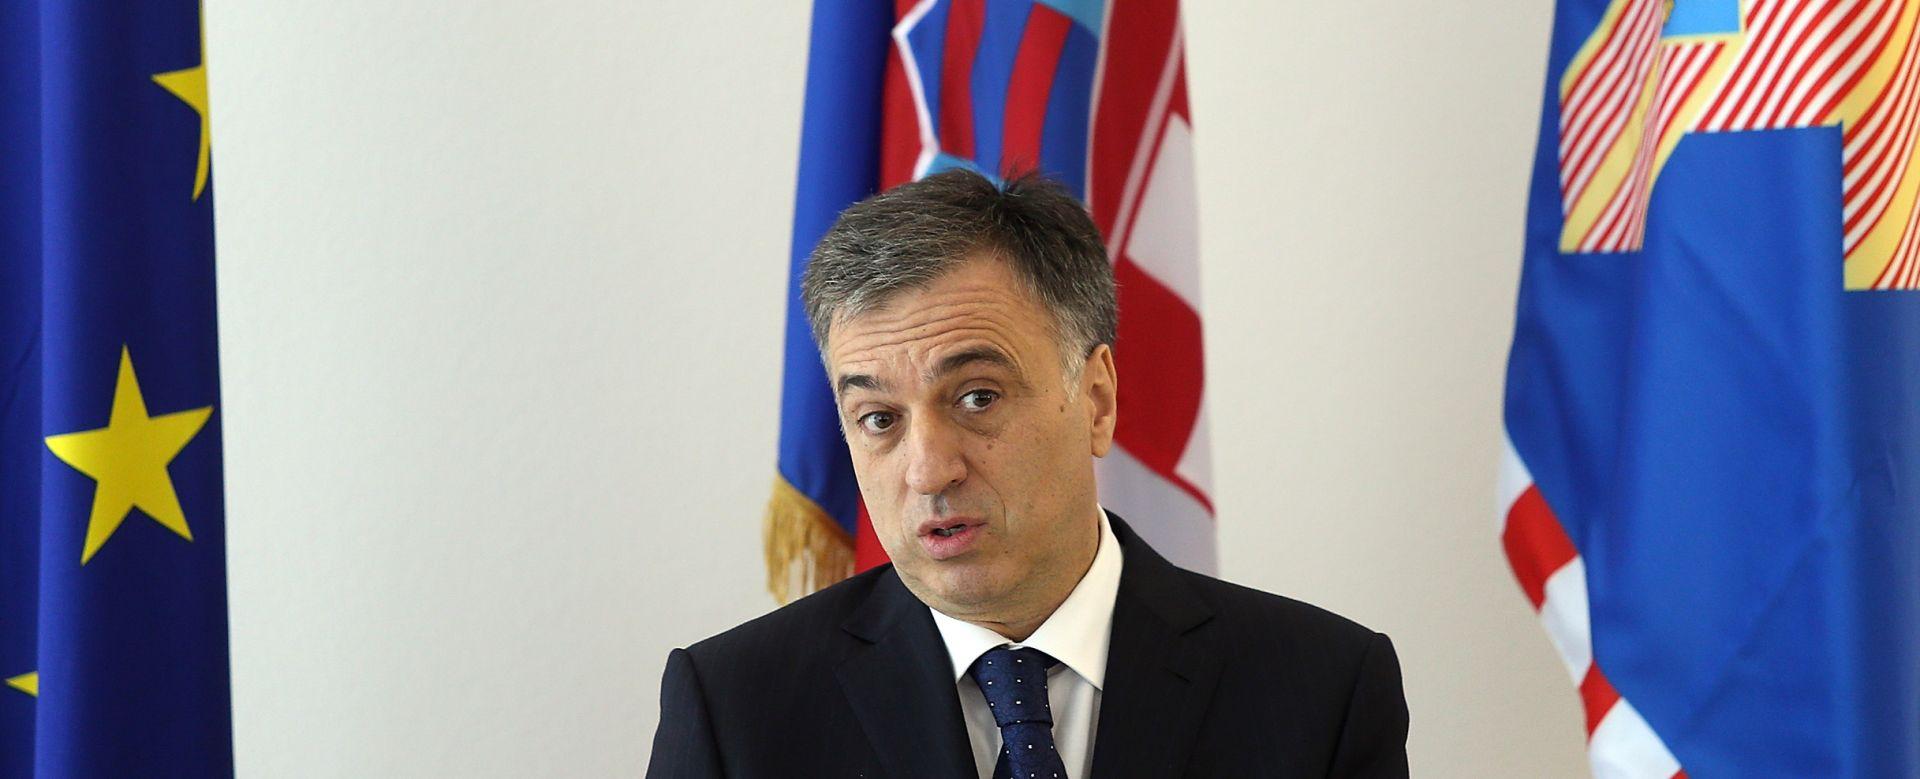 EU I NATO ČLANSTVO: Vujanović kaže da se Nikolić miješa u državnu politiku Crne Gore